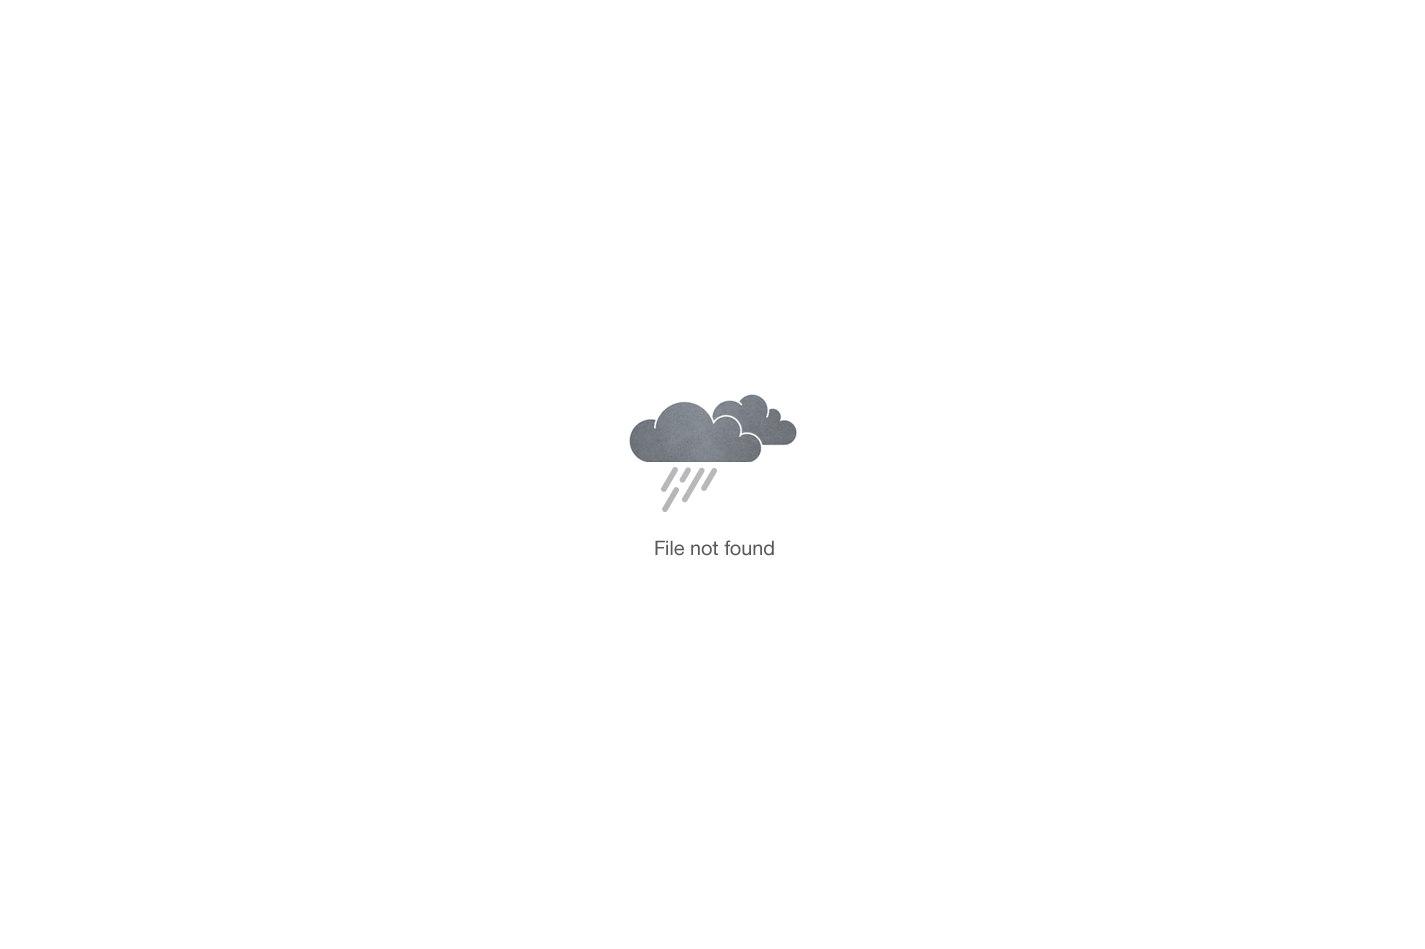 Patrick-QUATREUIL-Cyclisme-Sponsorise-me-image-3